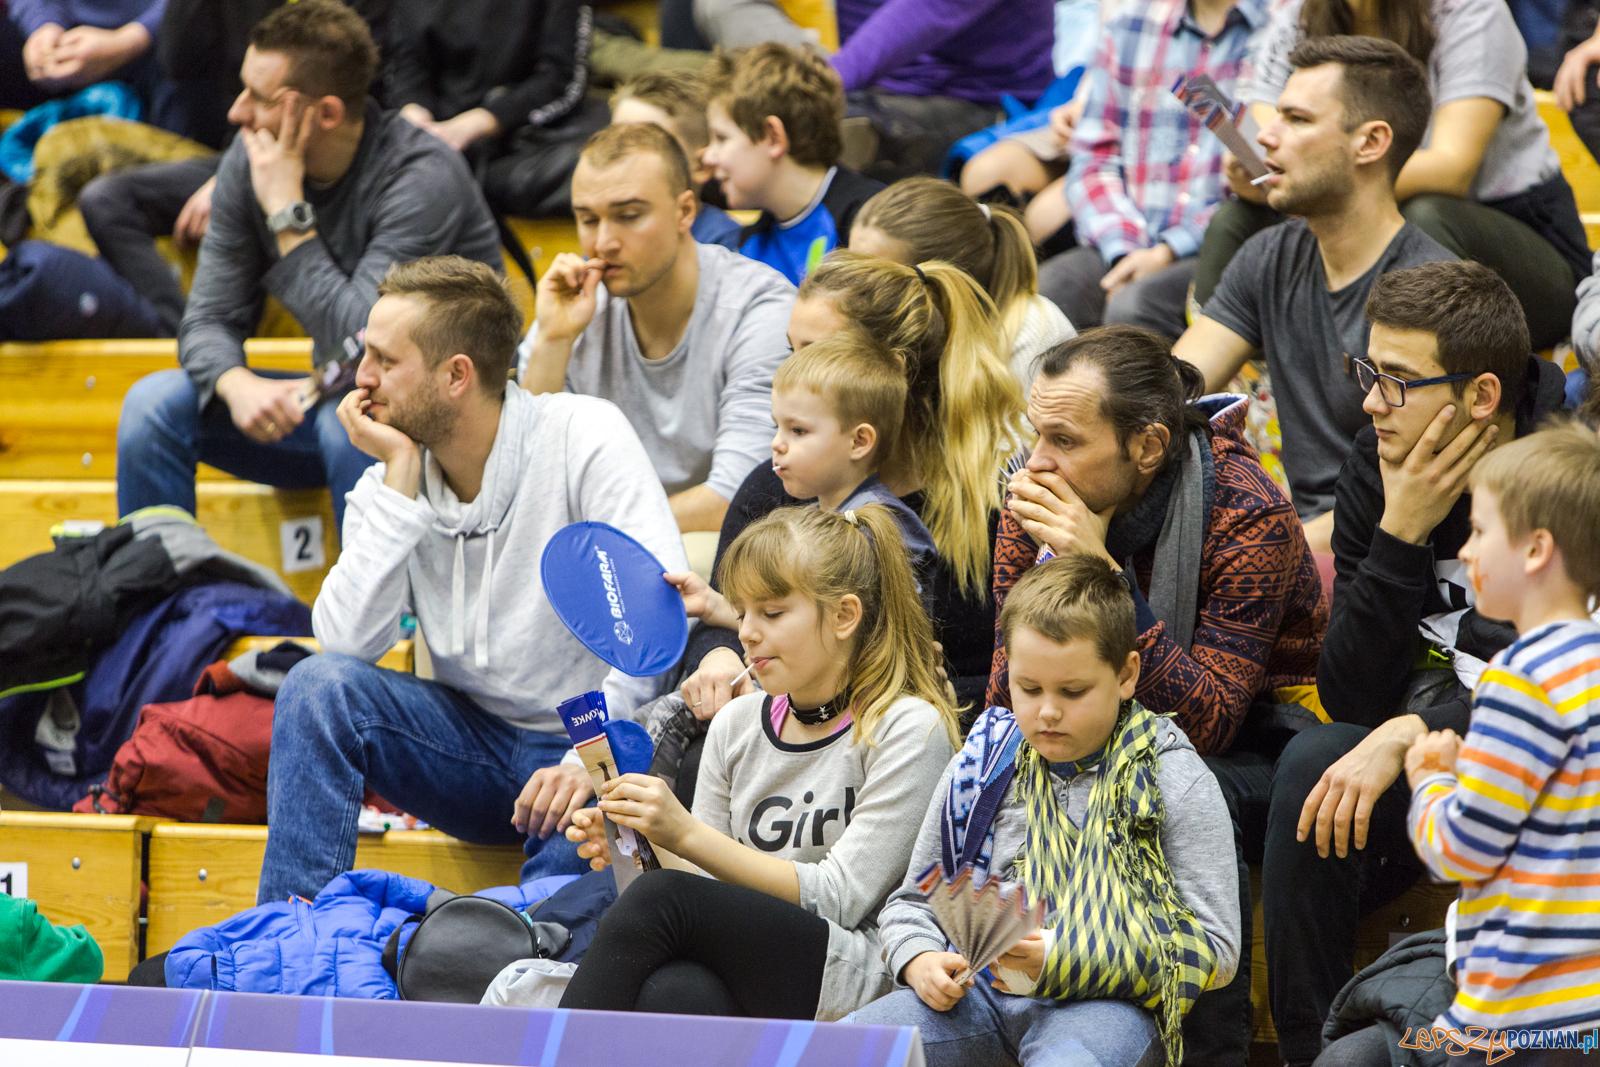 Biofarm Basket - KK Warszawa 86:82 - Poznań 02.12.2017 r.  Foto: LepszyPOZNAN.pl / Paweł Rychter